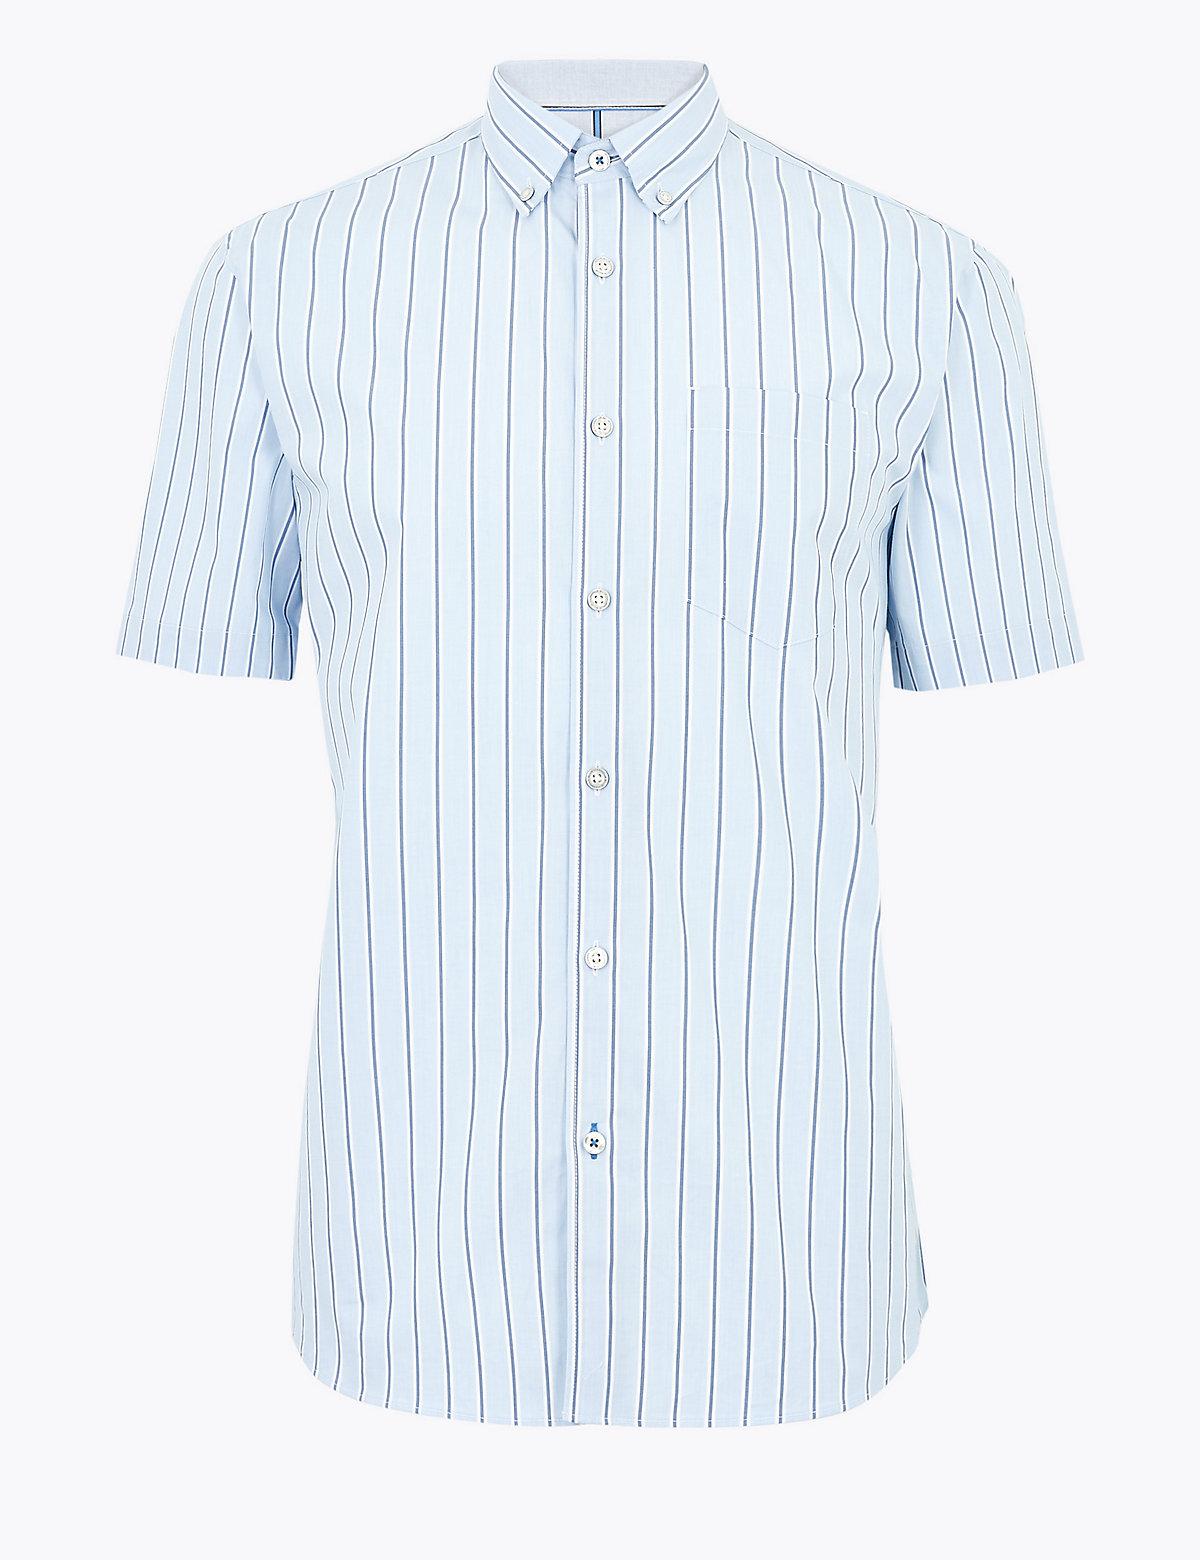 Хлопковая рубашка в тонкую полоску с коротким рукавом